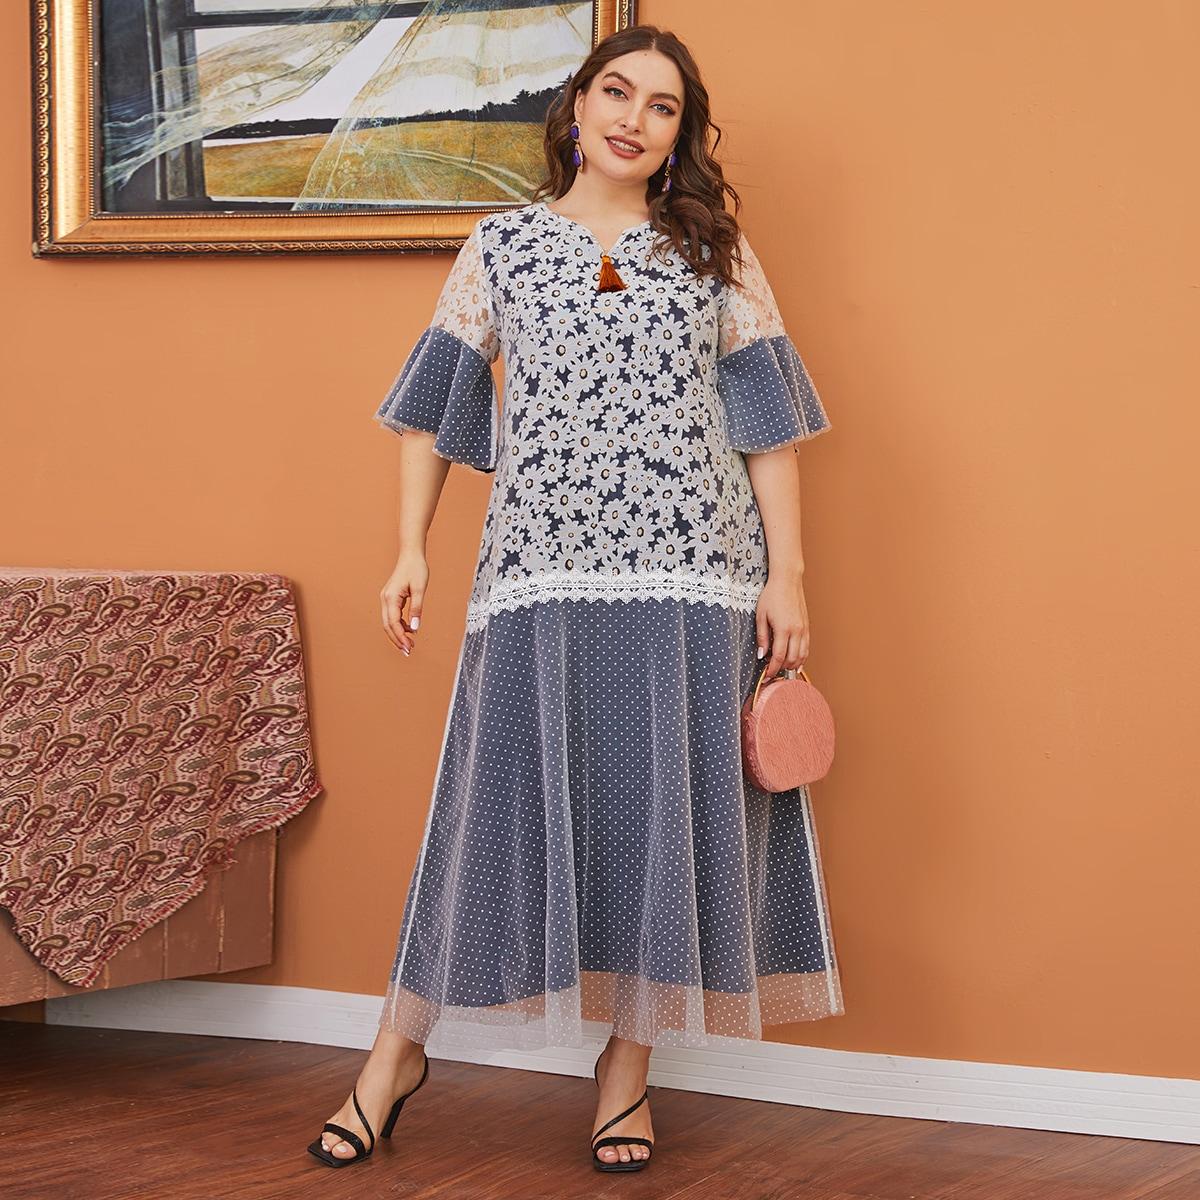 Многихцветные контрастные кружева цветочный элегантный платья размер плюс